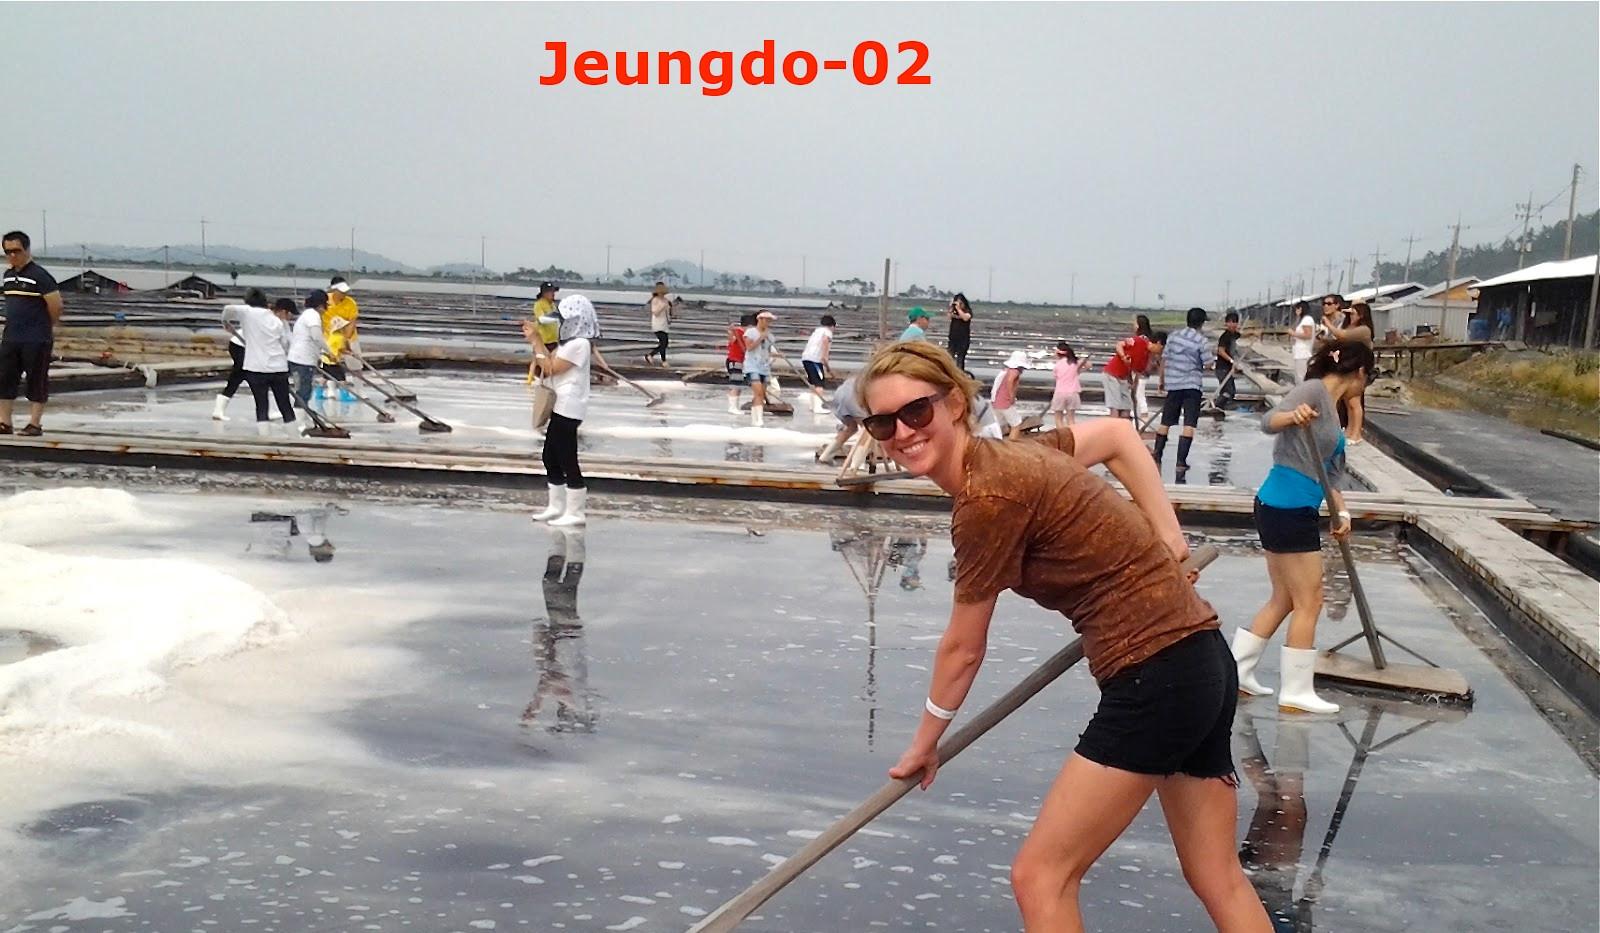 Jenungdo-02.jpg